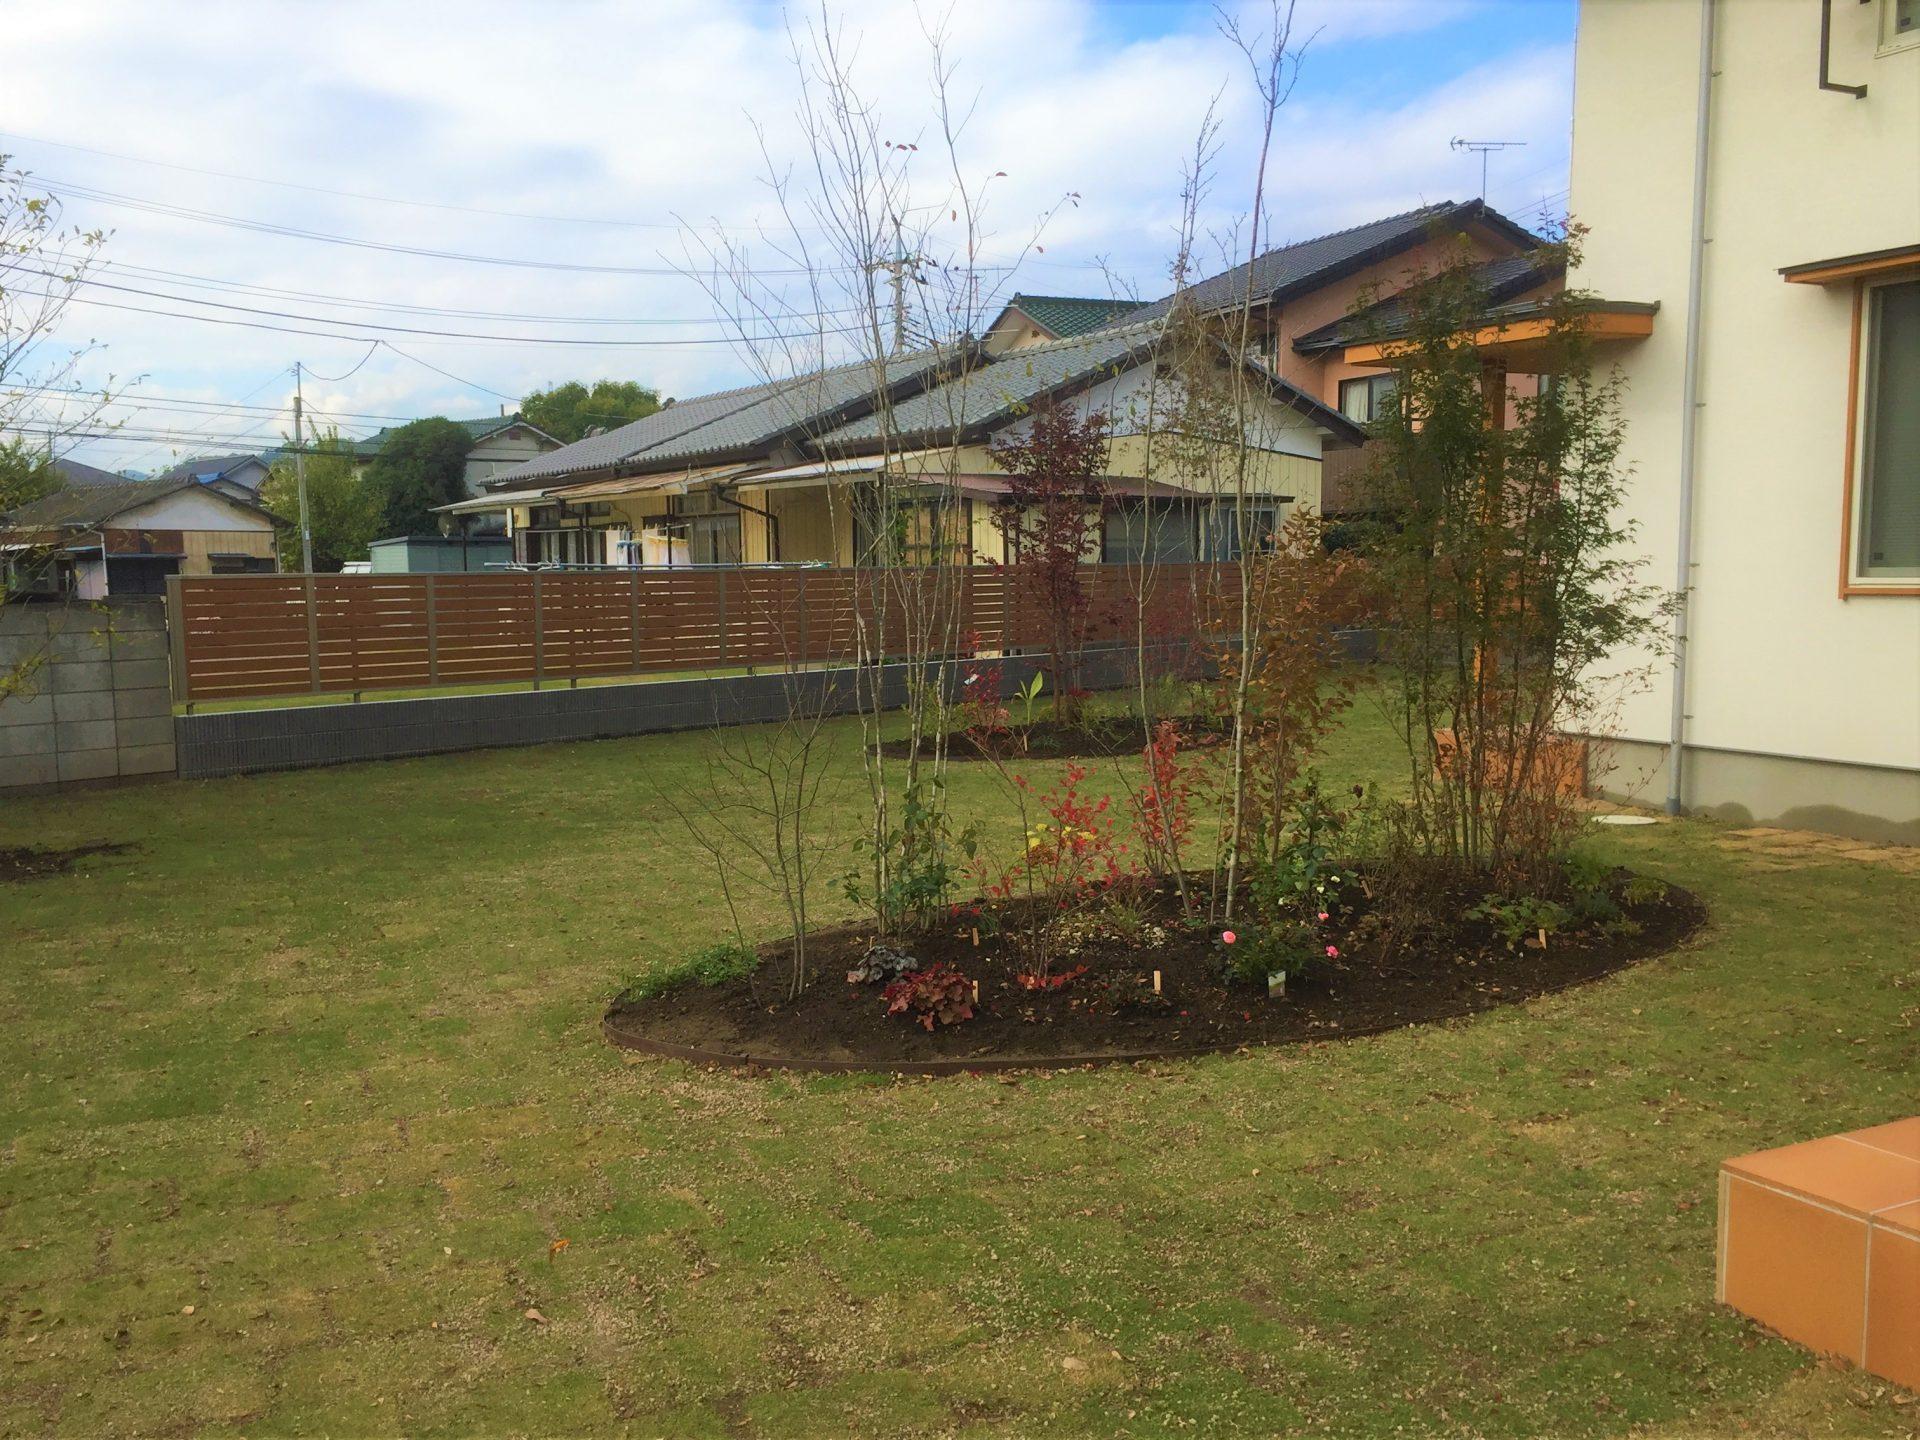 雑木風の植栽と広い芝の庭の写真